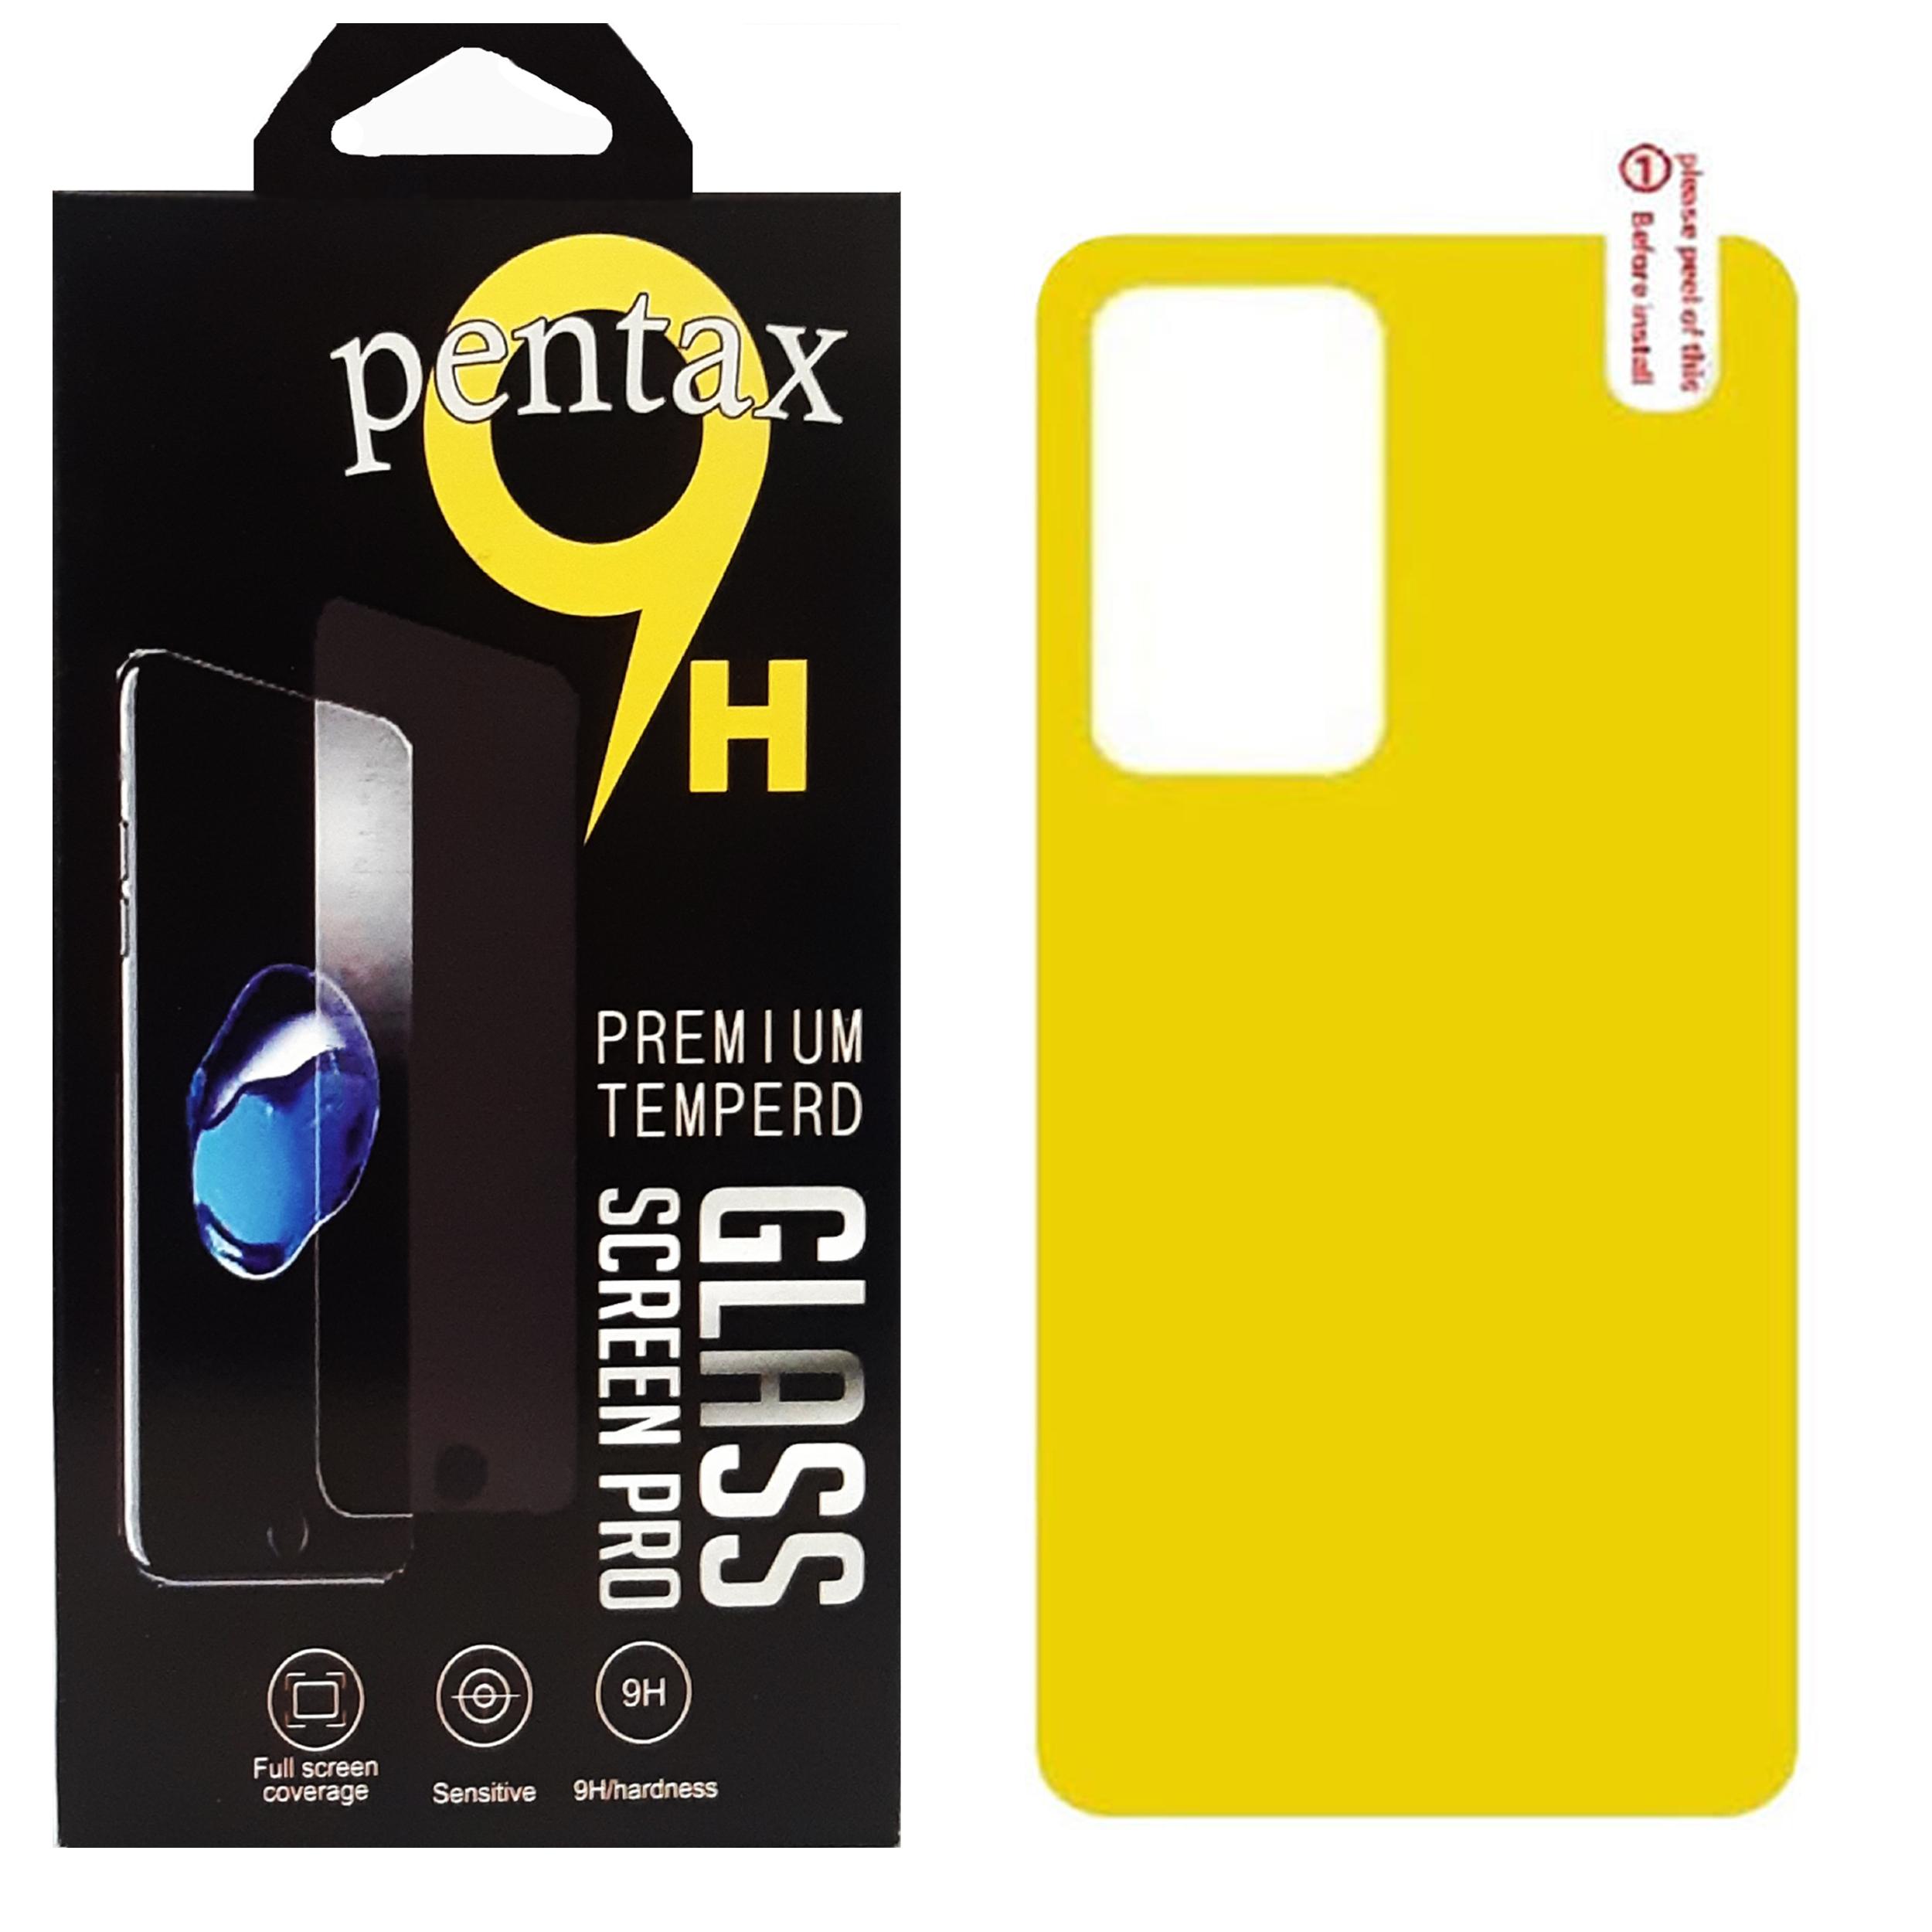 محافظ پشت گوشی پنتاکس مدل BPro مناسب برای گوشی موبایل سامسونگ Galaxy Note 20 ultra main 1 2